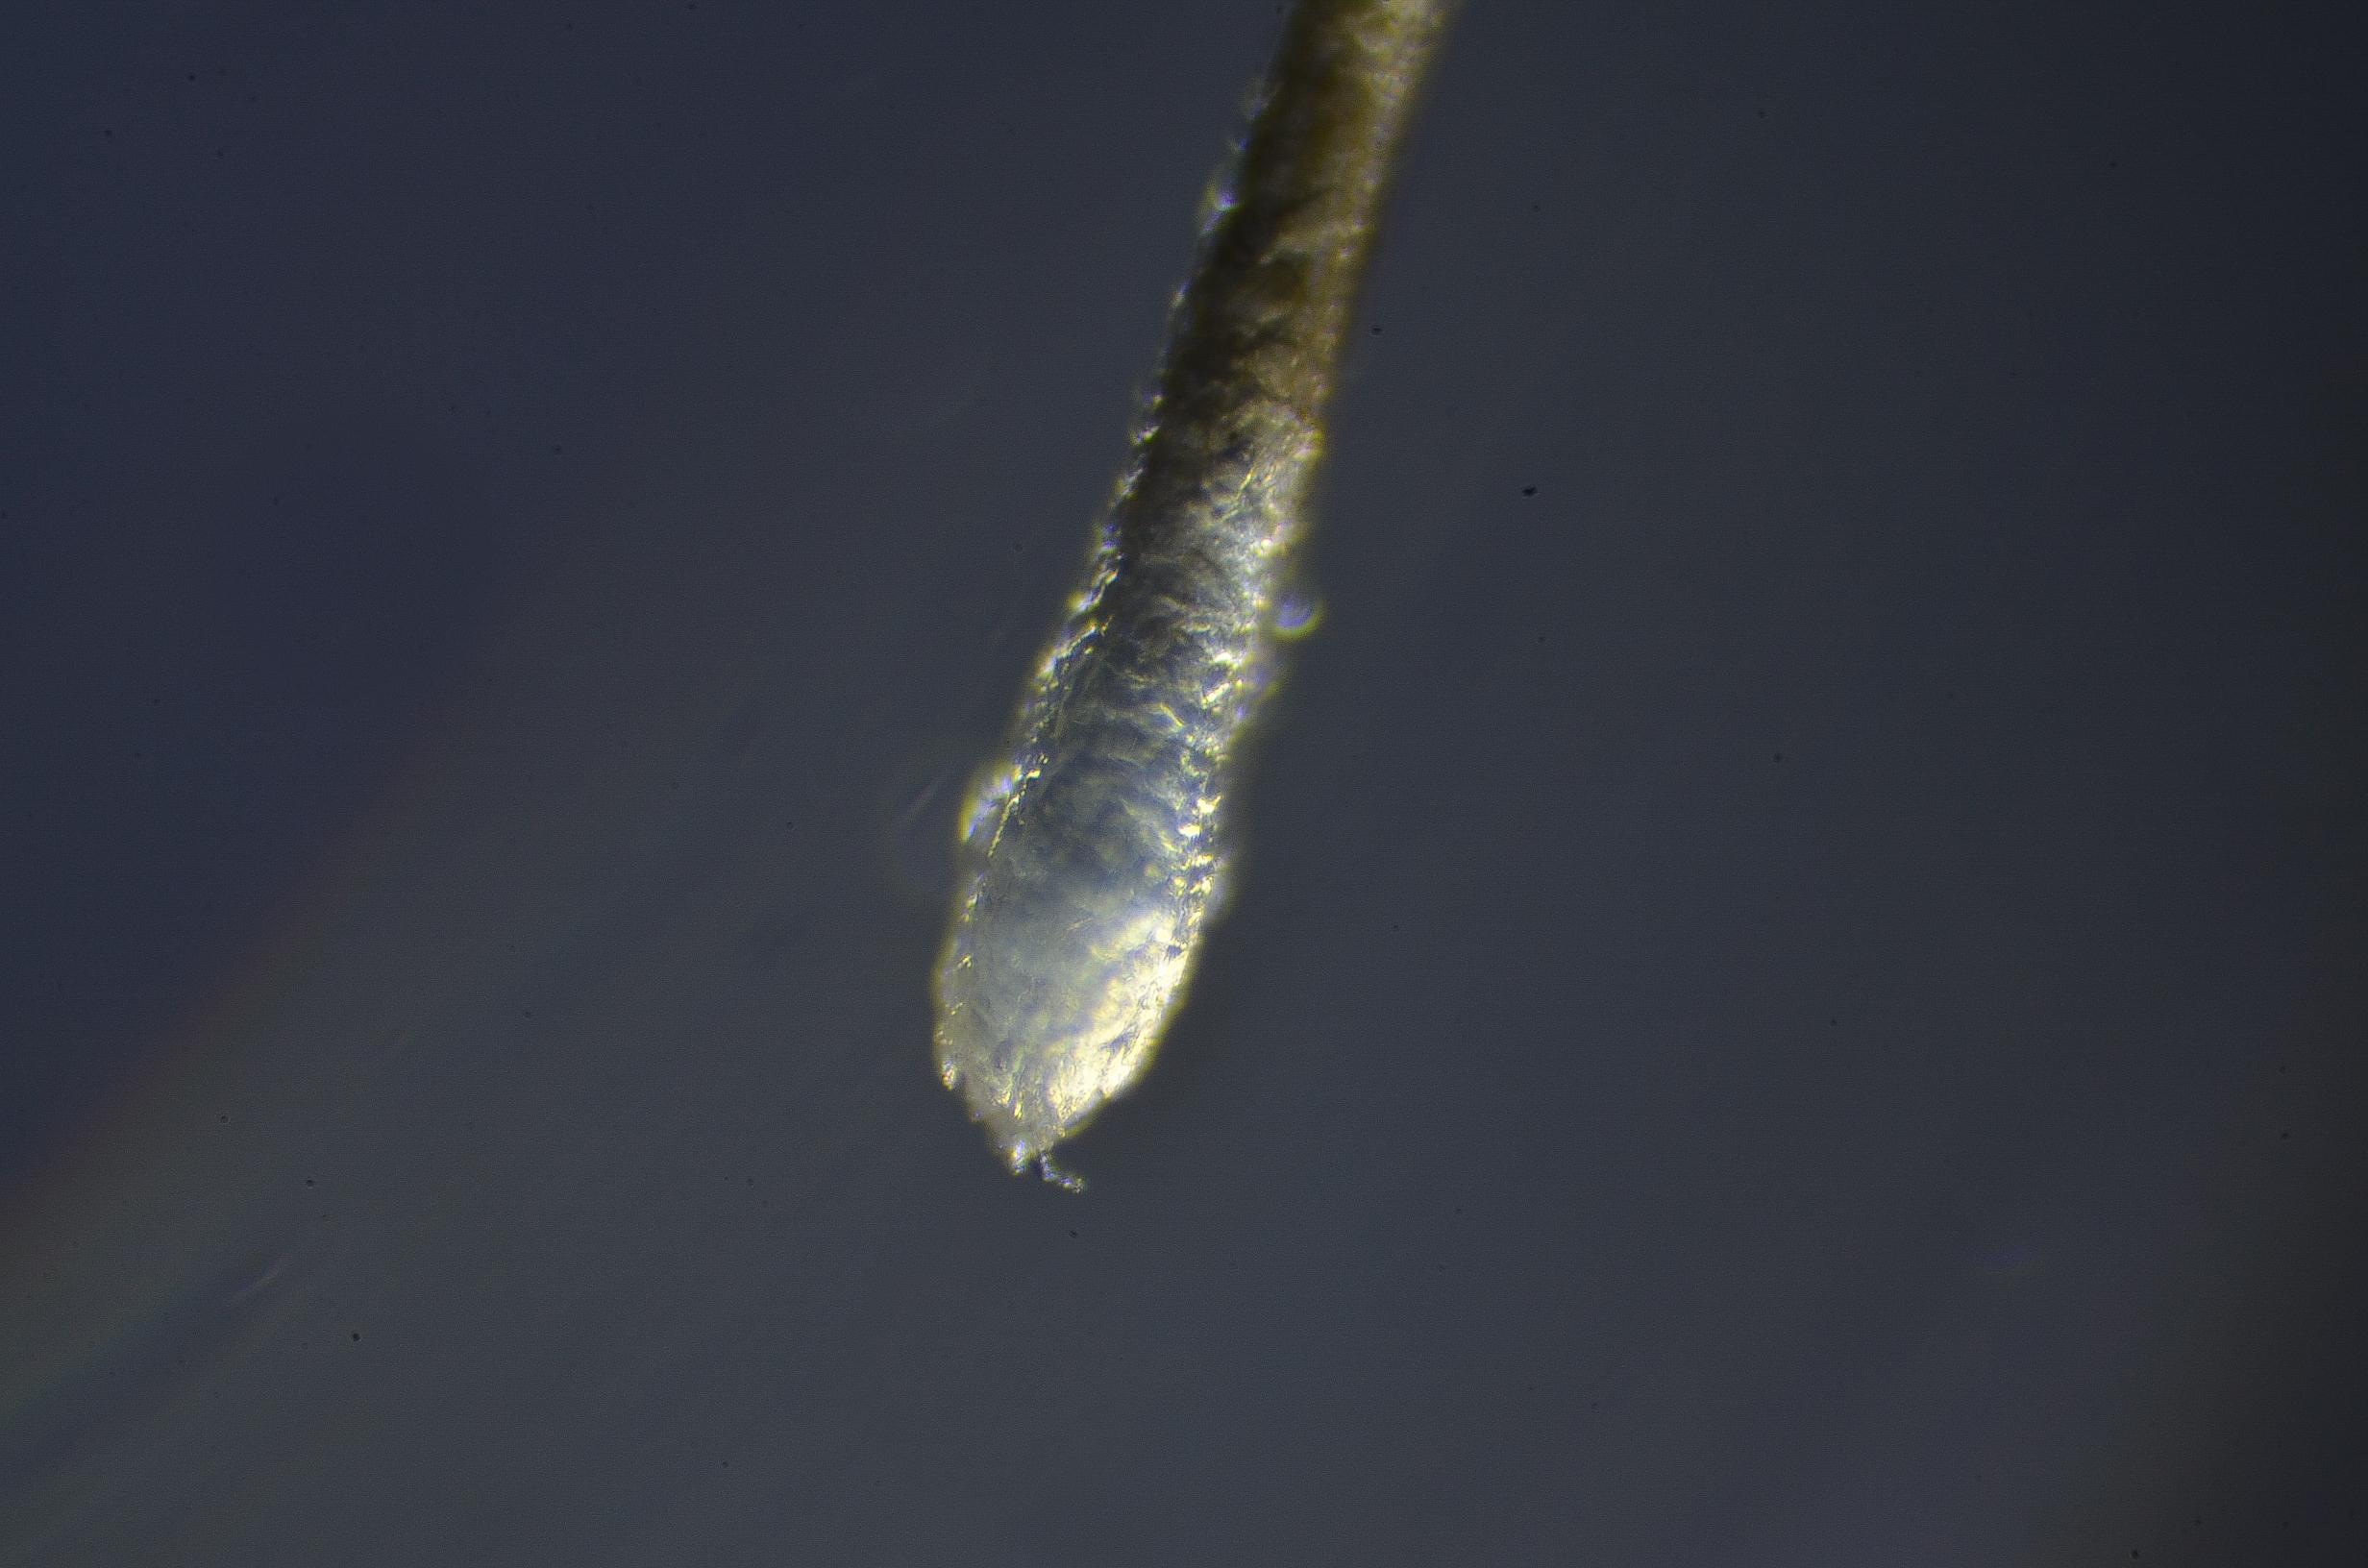 細い毛根は薄毛の合図?原因やその対策法を解説します